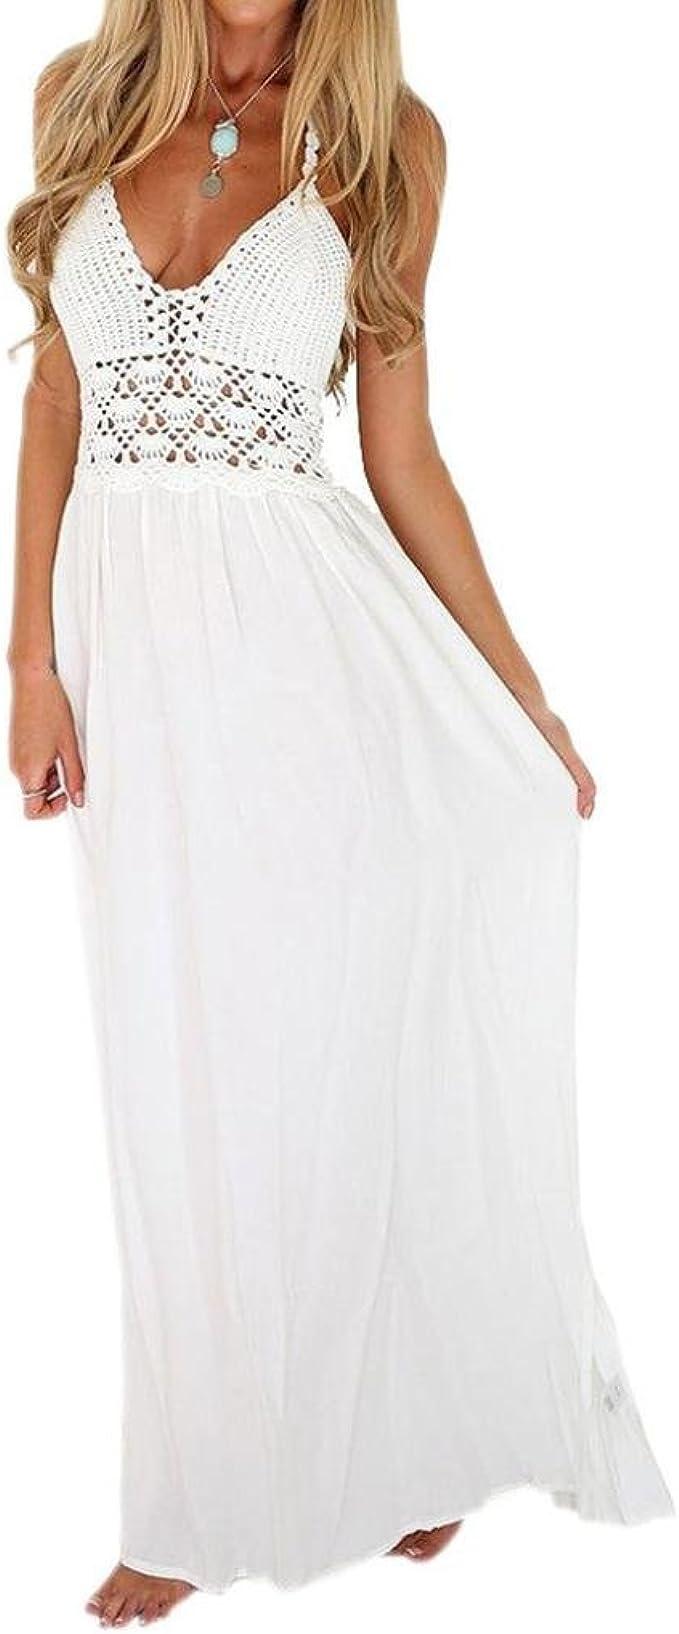 Weiß//Schwarz Damen Kleid Sommer Damen Häkel Freizeit Ärmellos Abend Mode